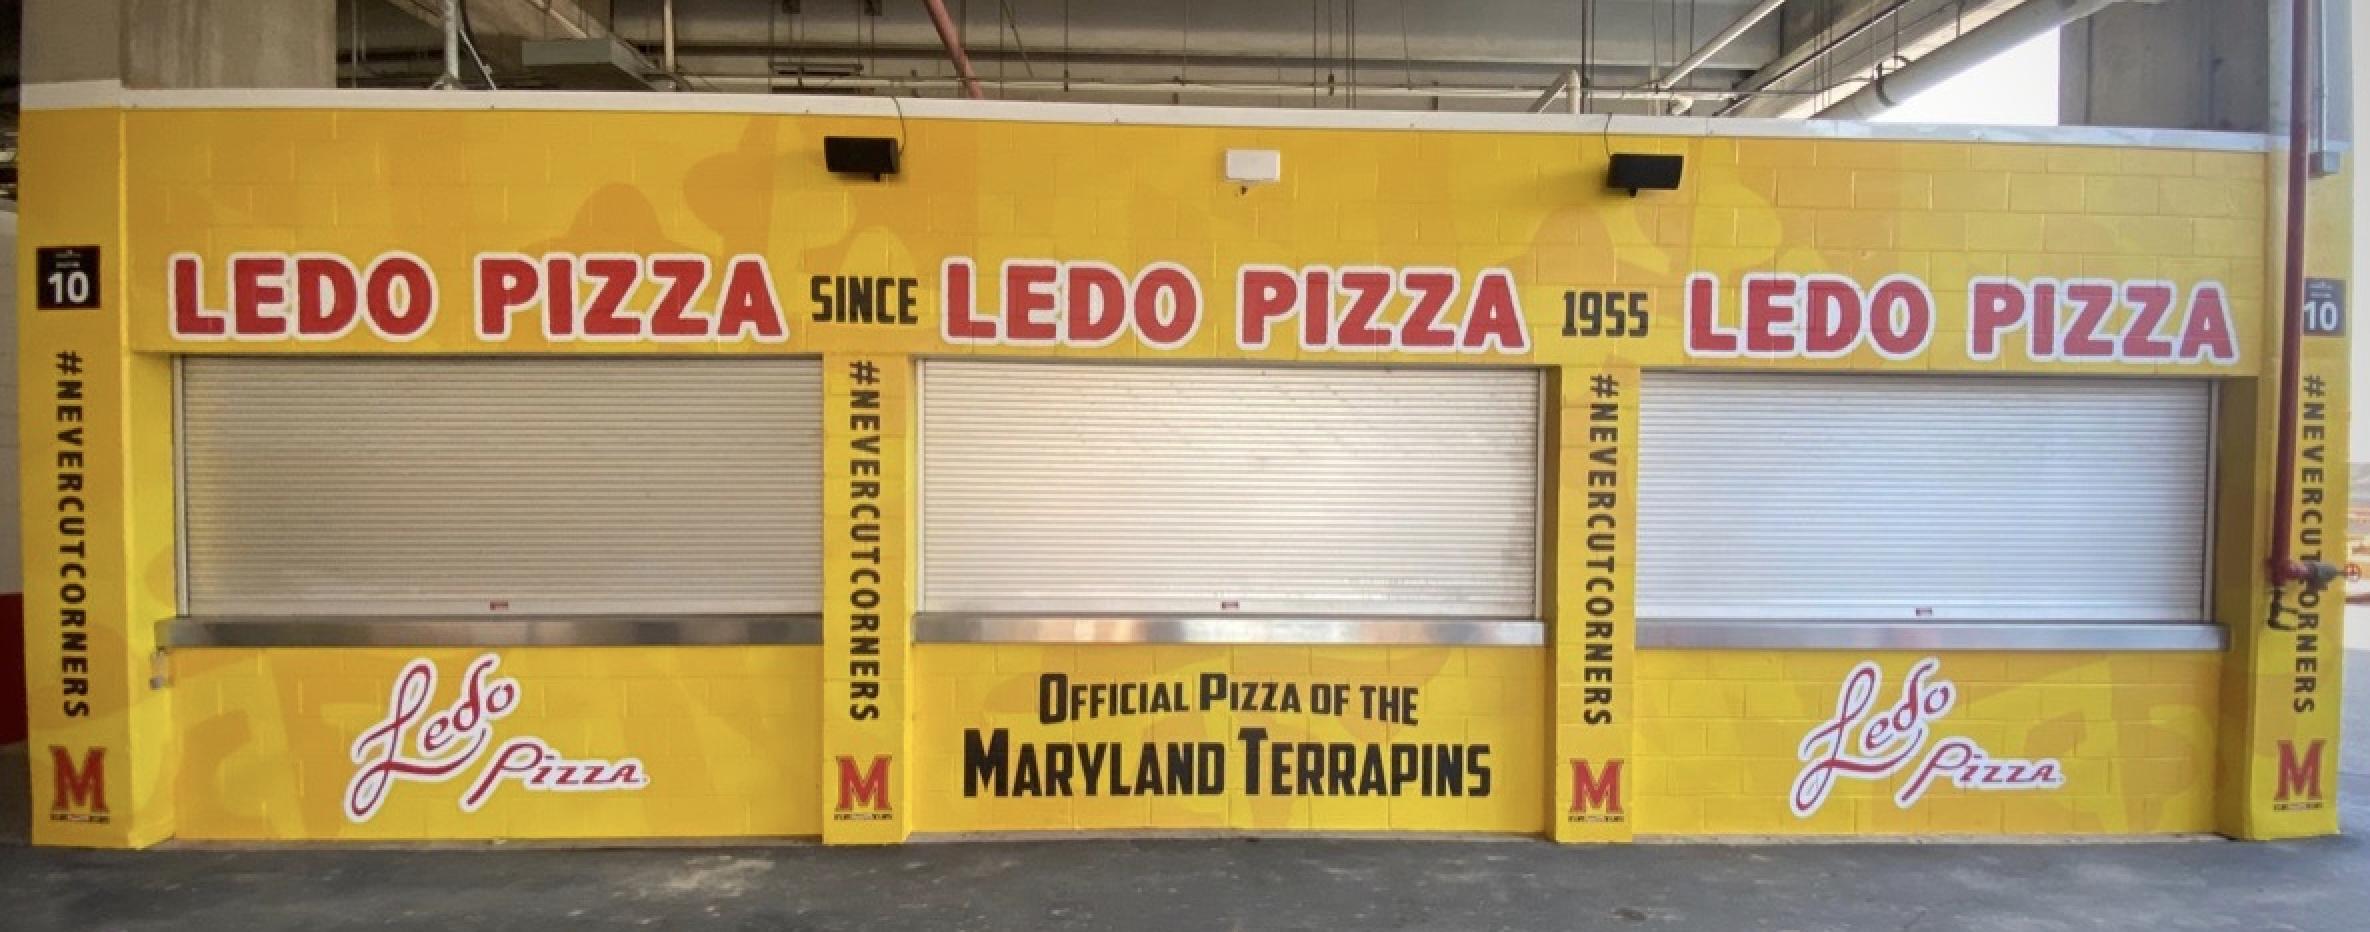 Maryland Stadium Location